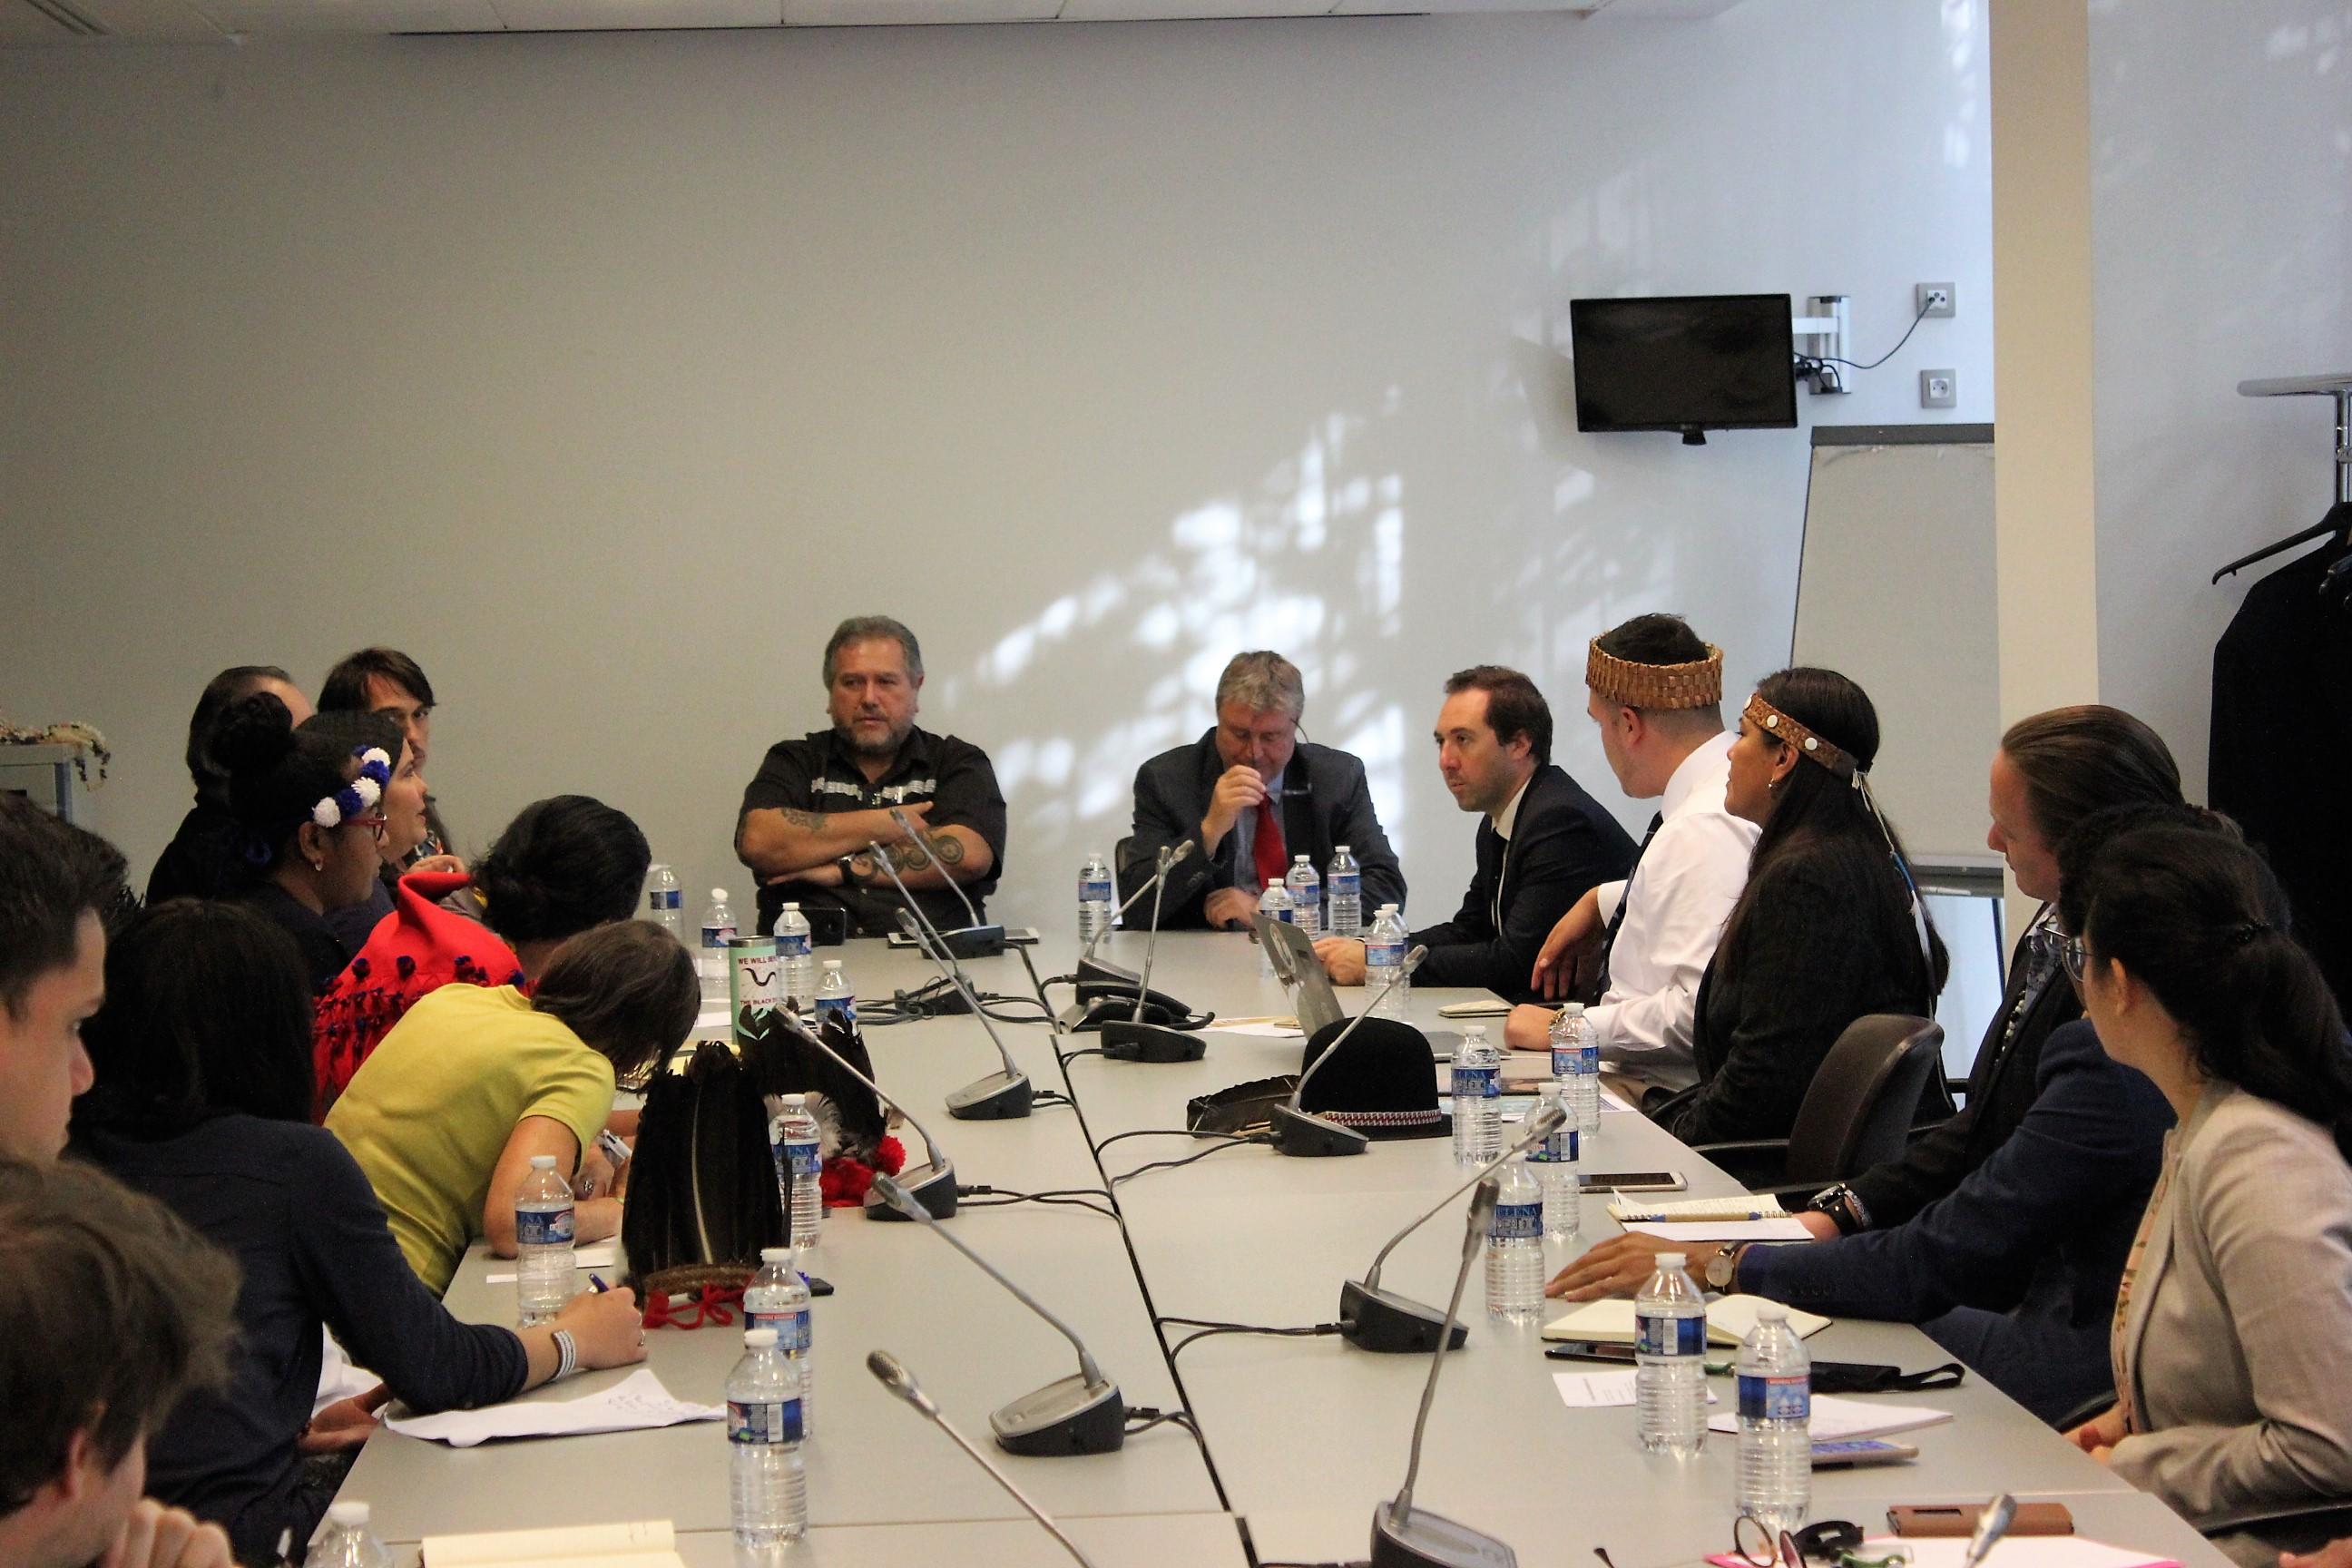 Plusieurs représentants de Peuples amérindiens (Canada, Etats-Unis, Guyane) mais aussi des représentants Corses, étaient réunis autour des députés Moetai Brotherson et Jean-Paul Lecoq pour cette Conférence des Peuples amérindiens à l'Assemblée nationale ©Outremers360